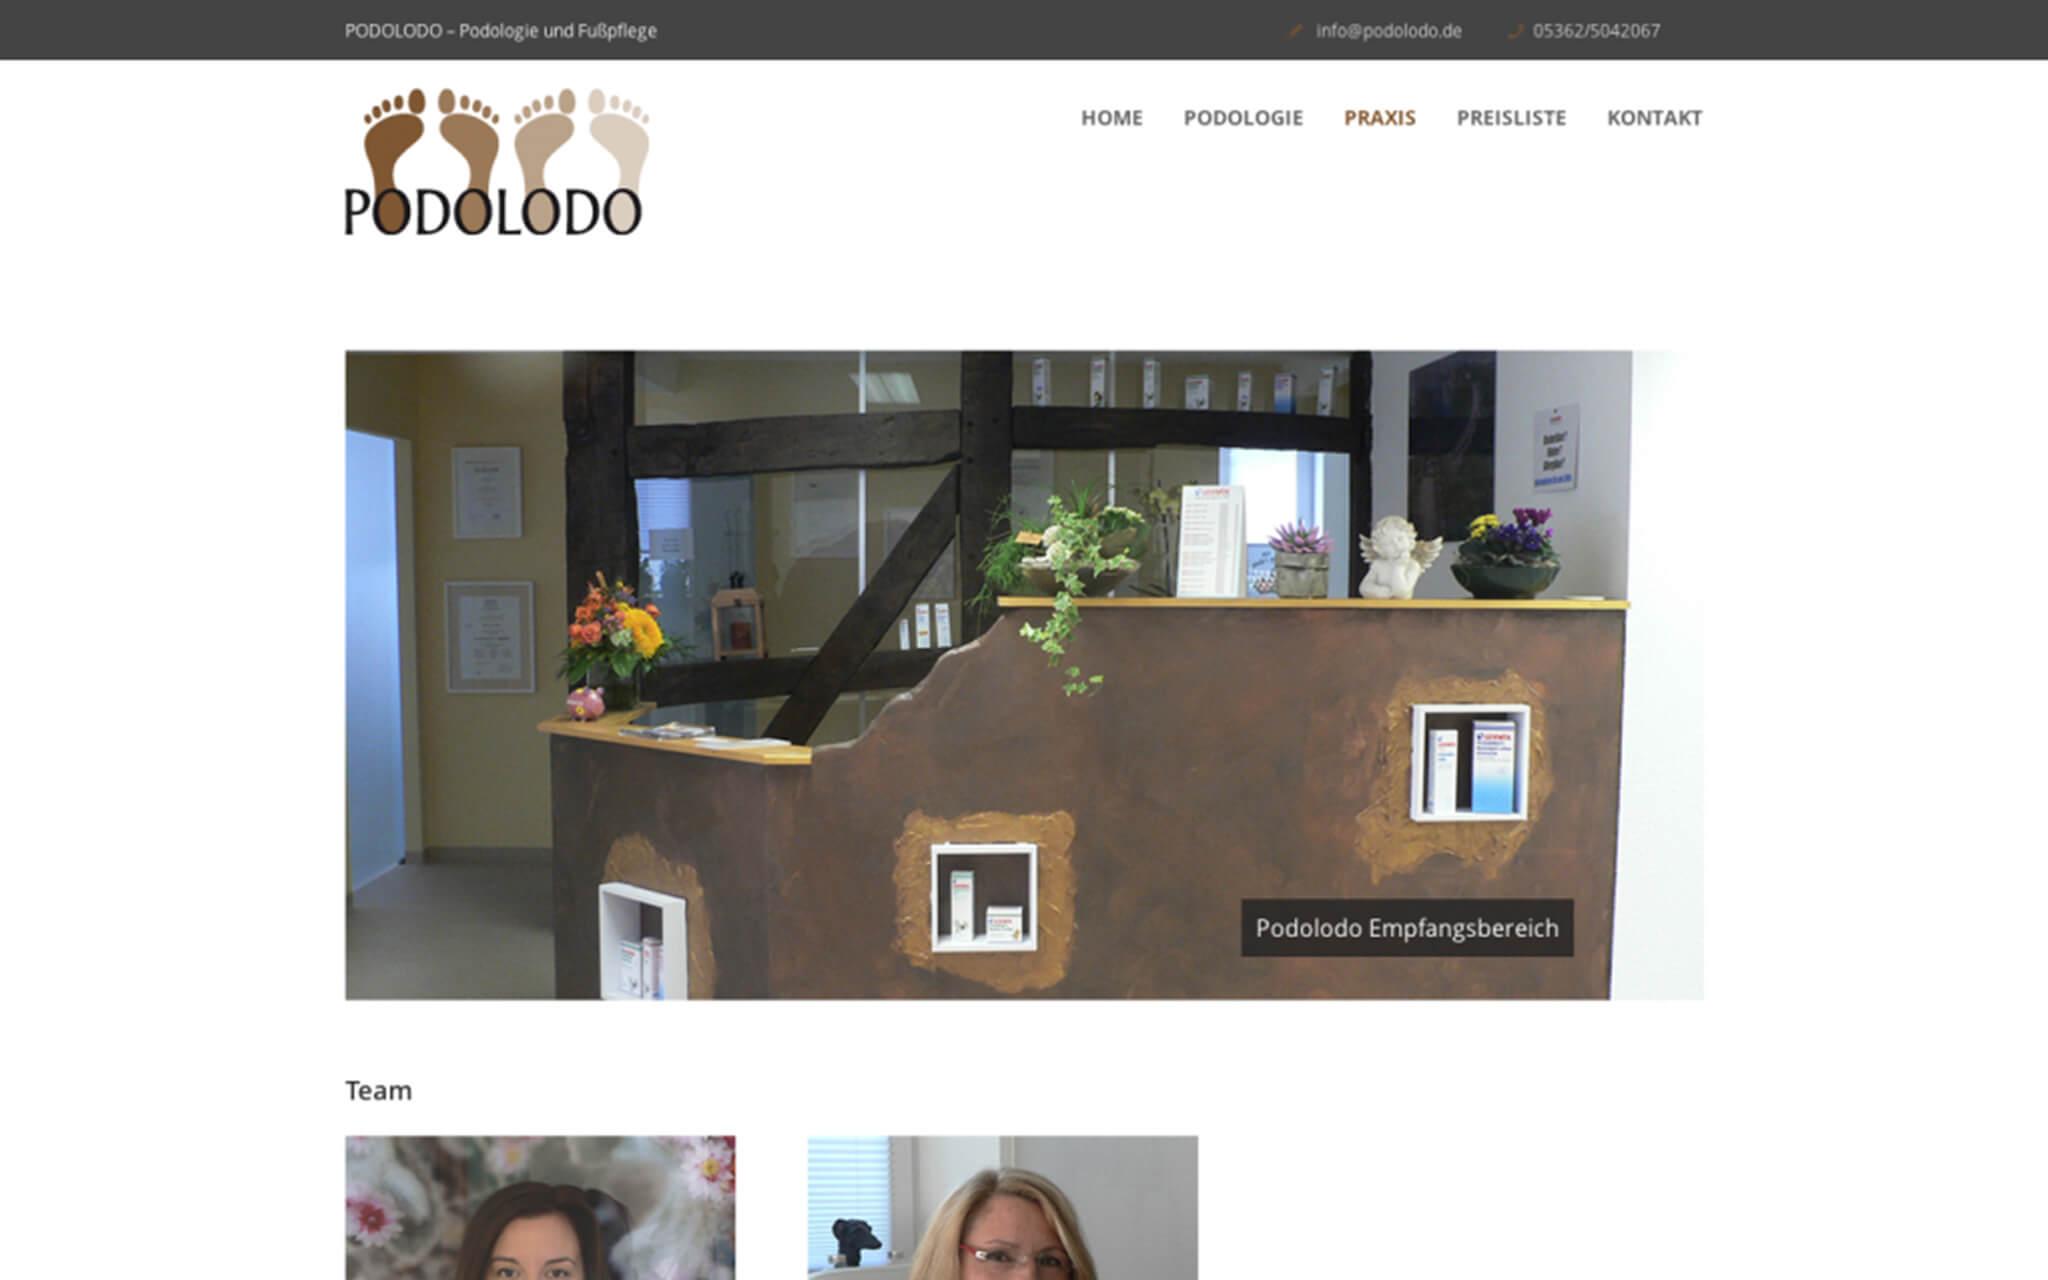 podolodo-website-mediarock